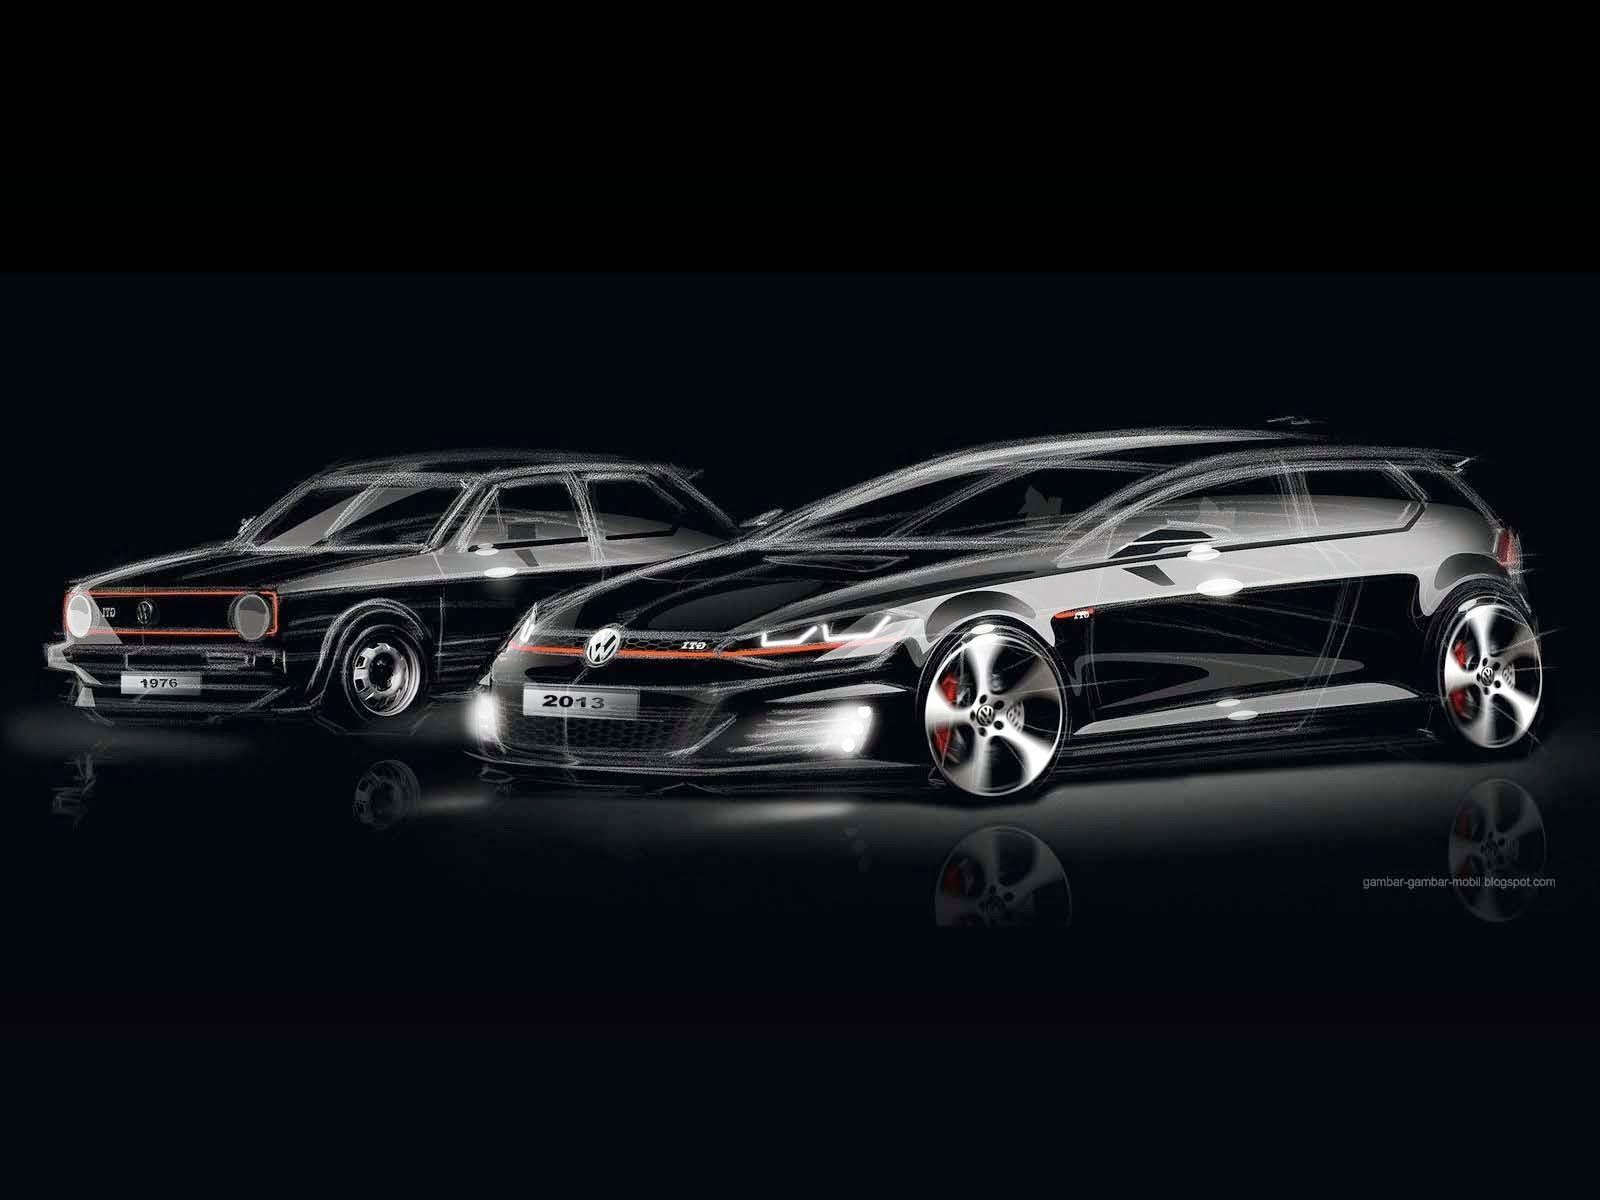 Gambar Mobil Keren Mewah Gambar Gambar Mobil Mobil Keren Mobil Gambar